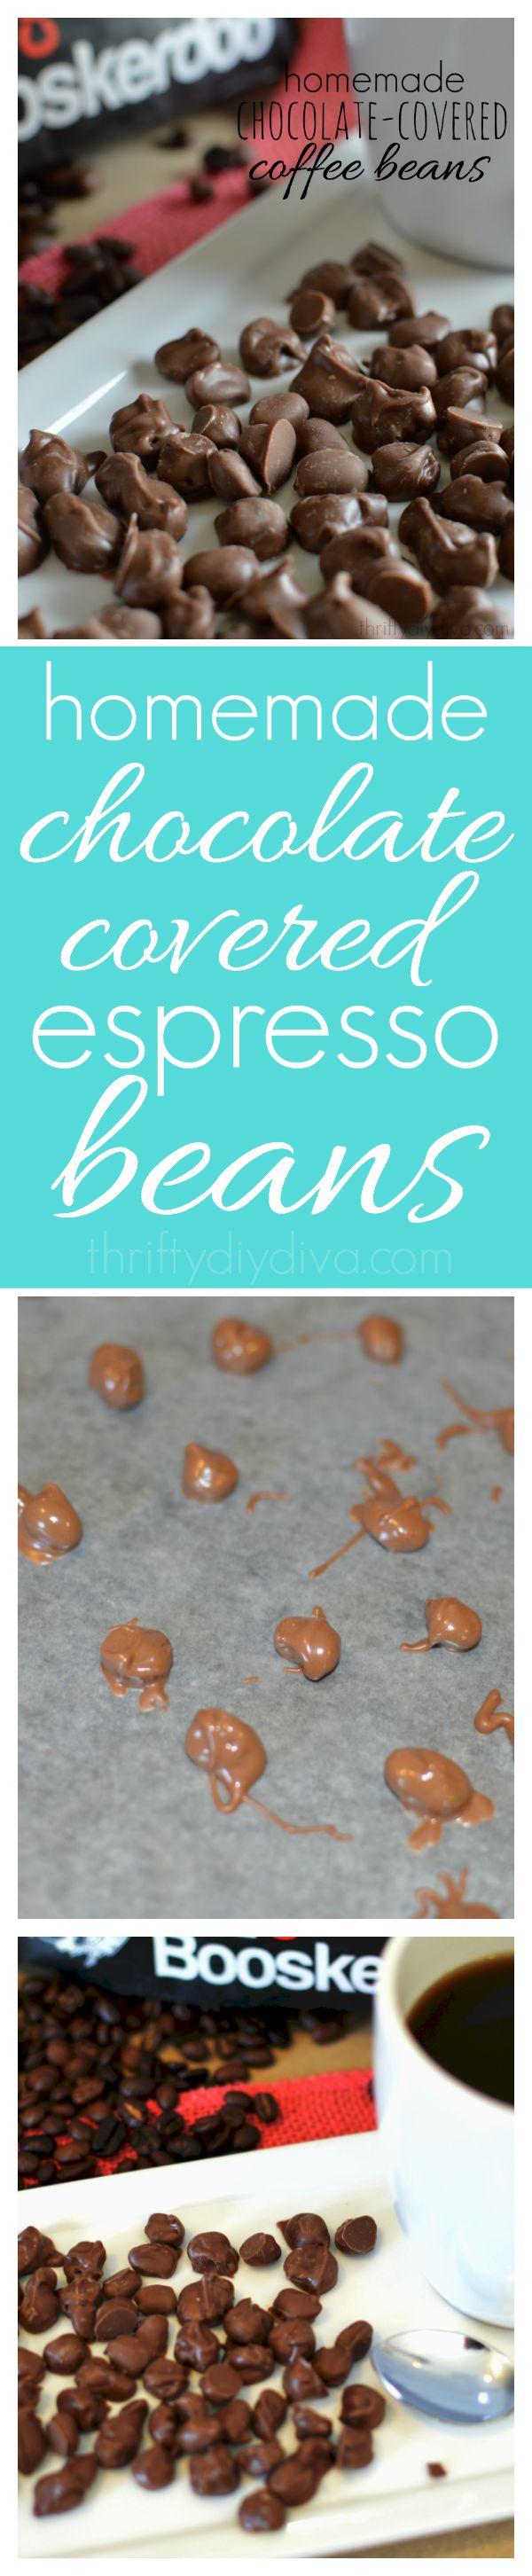 Homemade Chocolate Espresso Coffee Beans